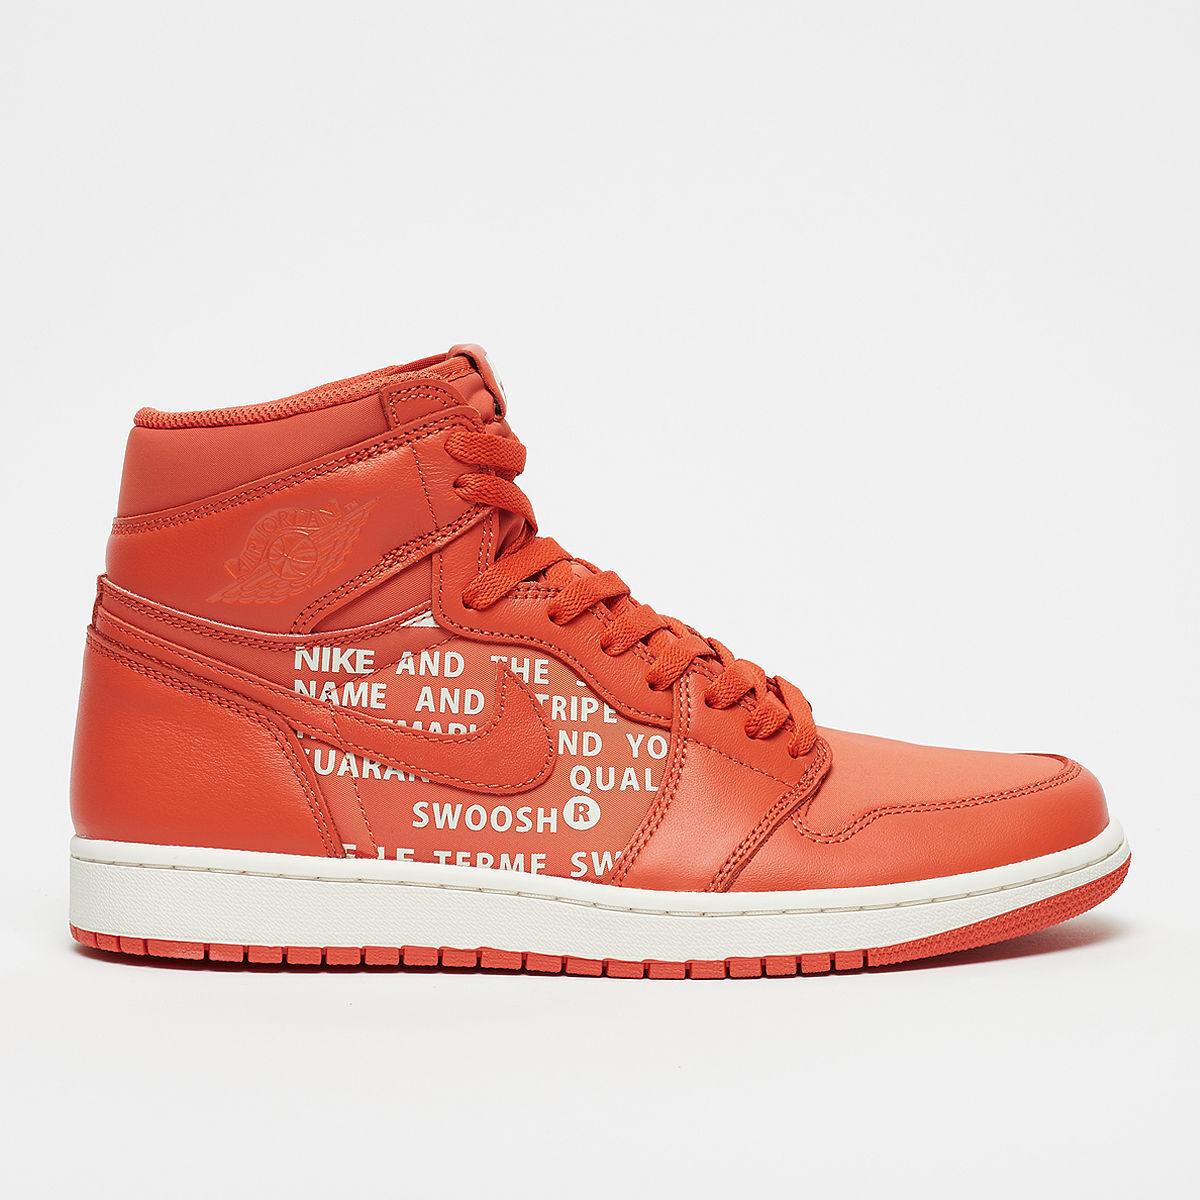 Nike Air Jordan 1 Retro High OG Vintage Coral Size 8.5. 555088-800